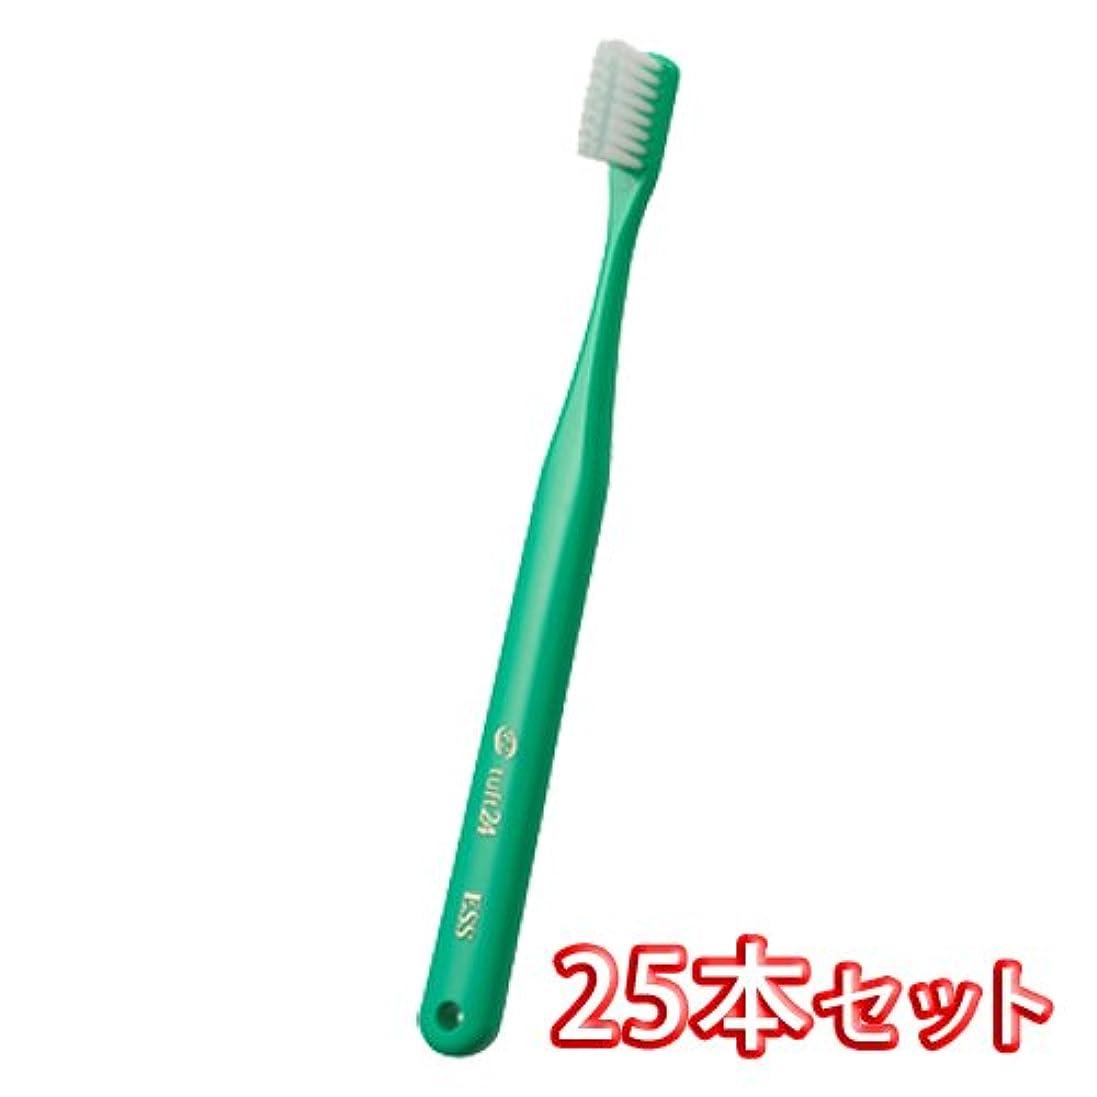 赤力感謝しているオーラルケア キャップ付き タフト 24 歯ブラシ 25本入 ミディアムハード MH (グリーン)